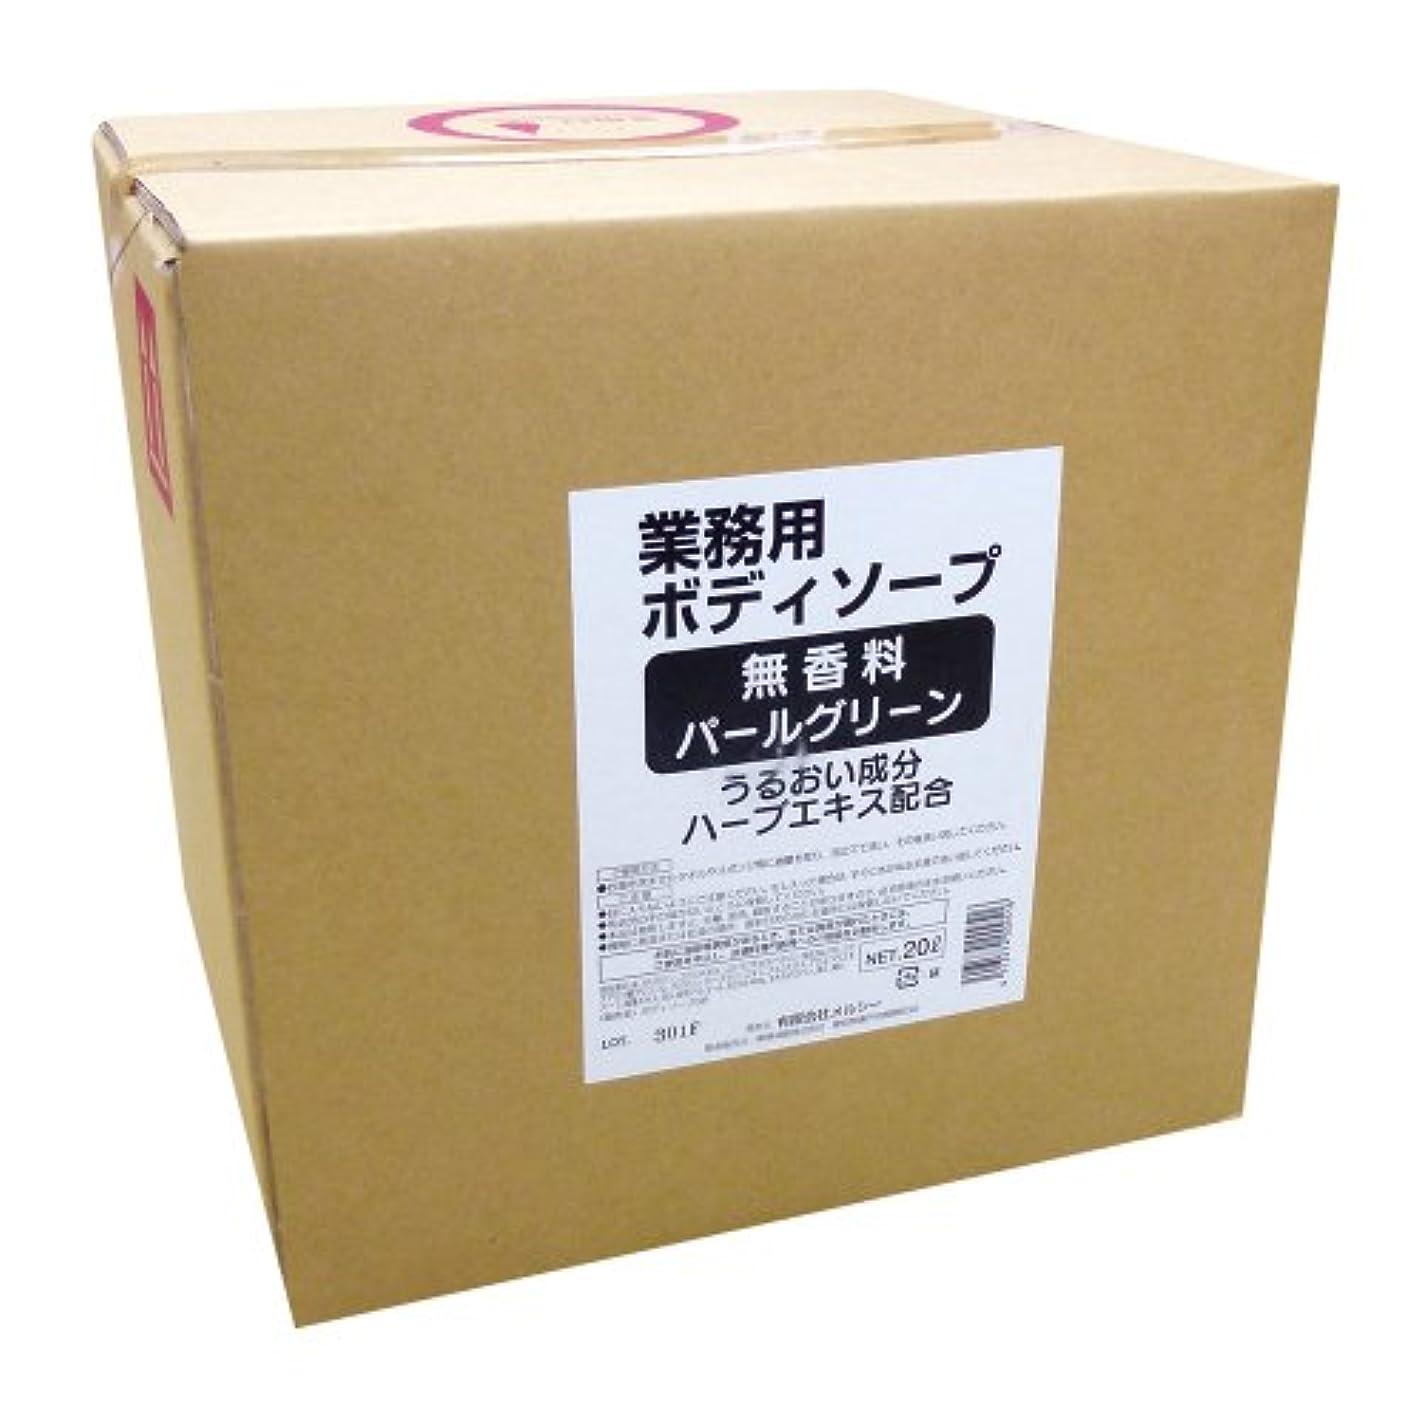 レコーダー特権的複製する【業務用】 無香料 ボディソープ 20L